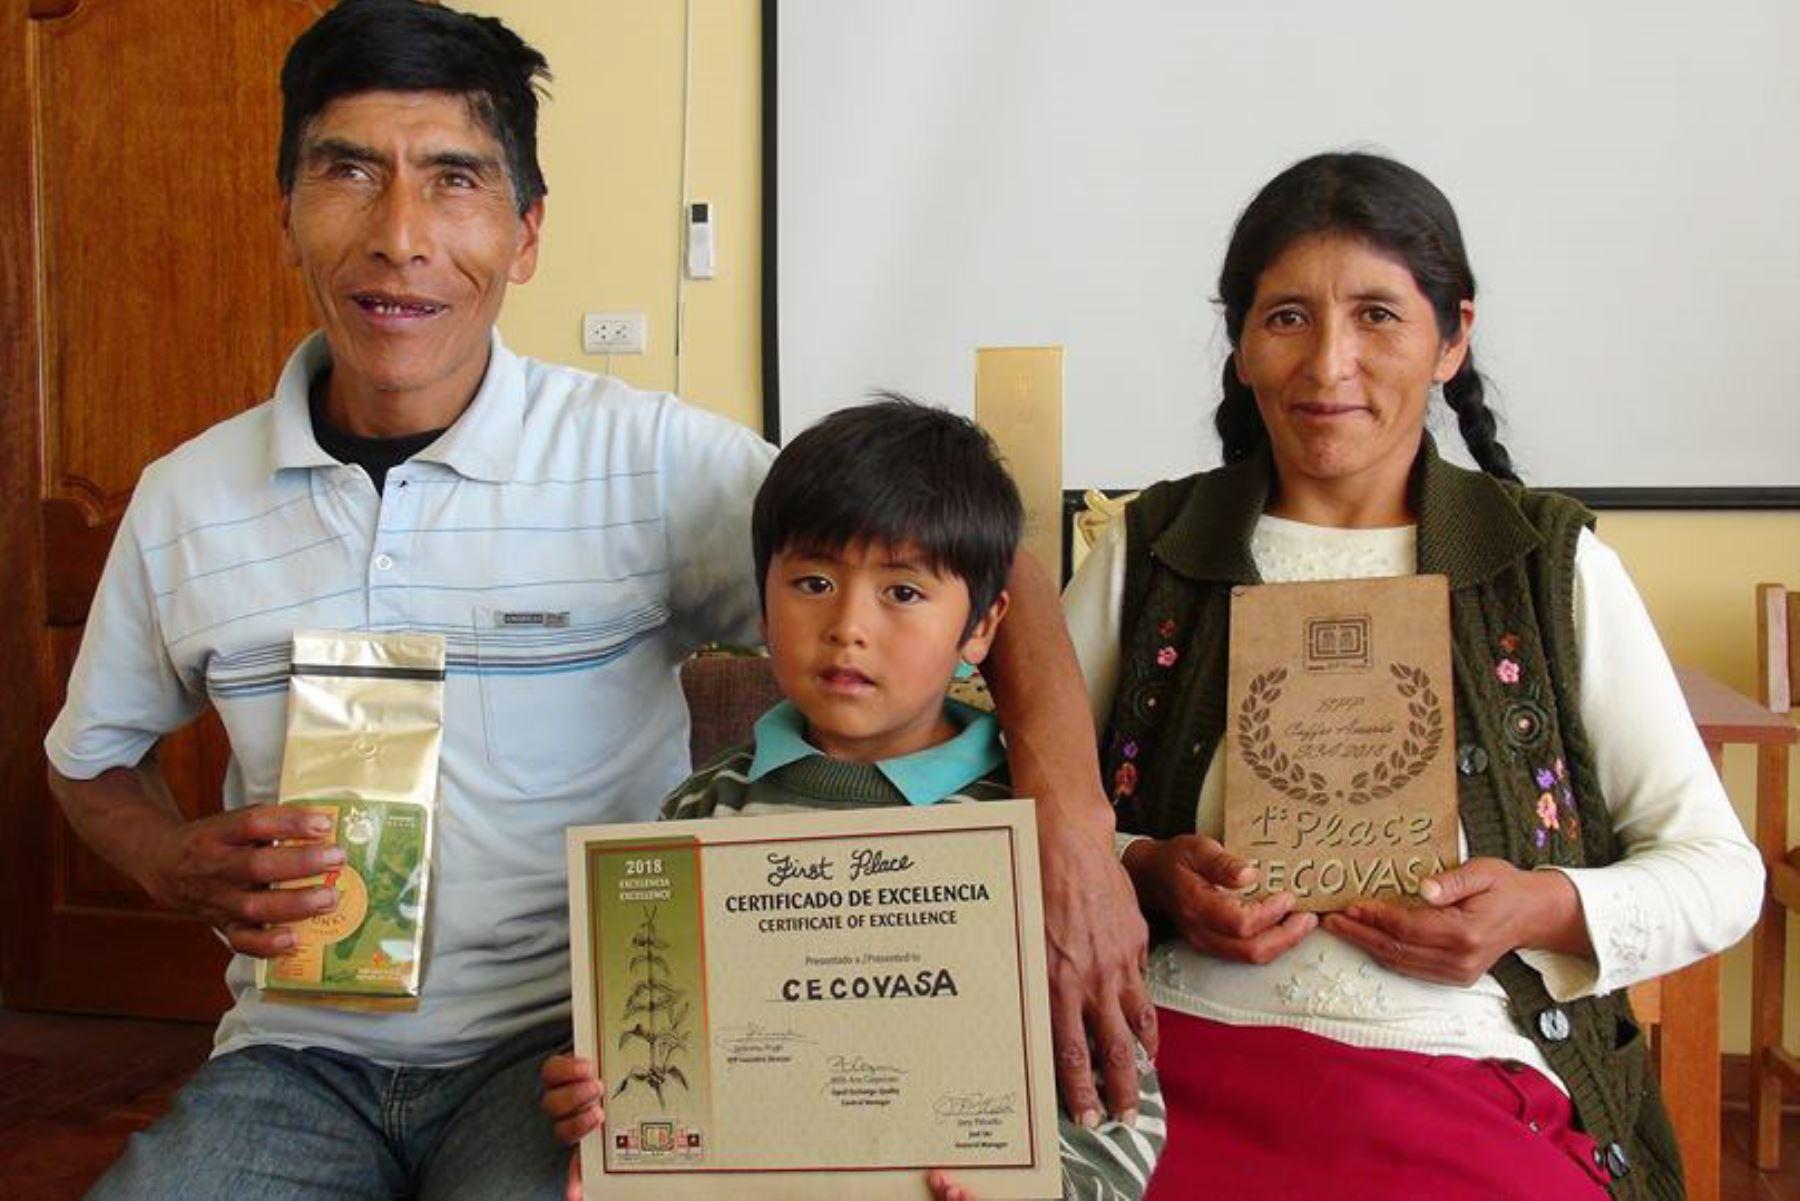 Vicentina al lado de familia con premio